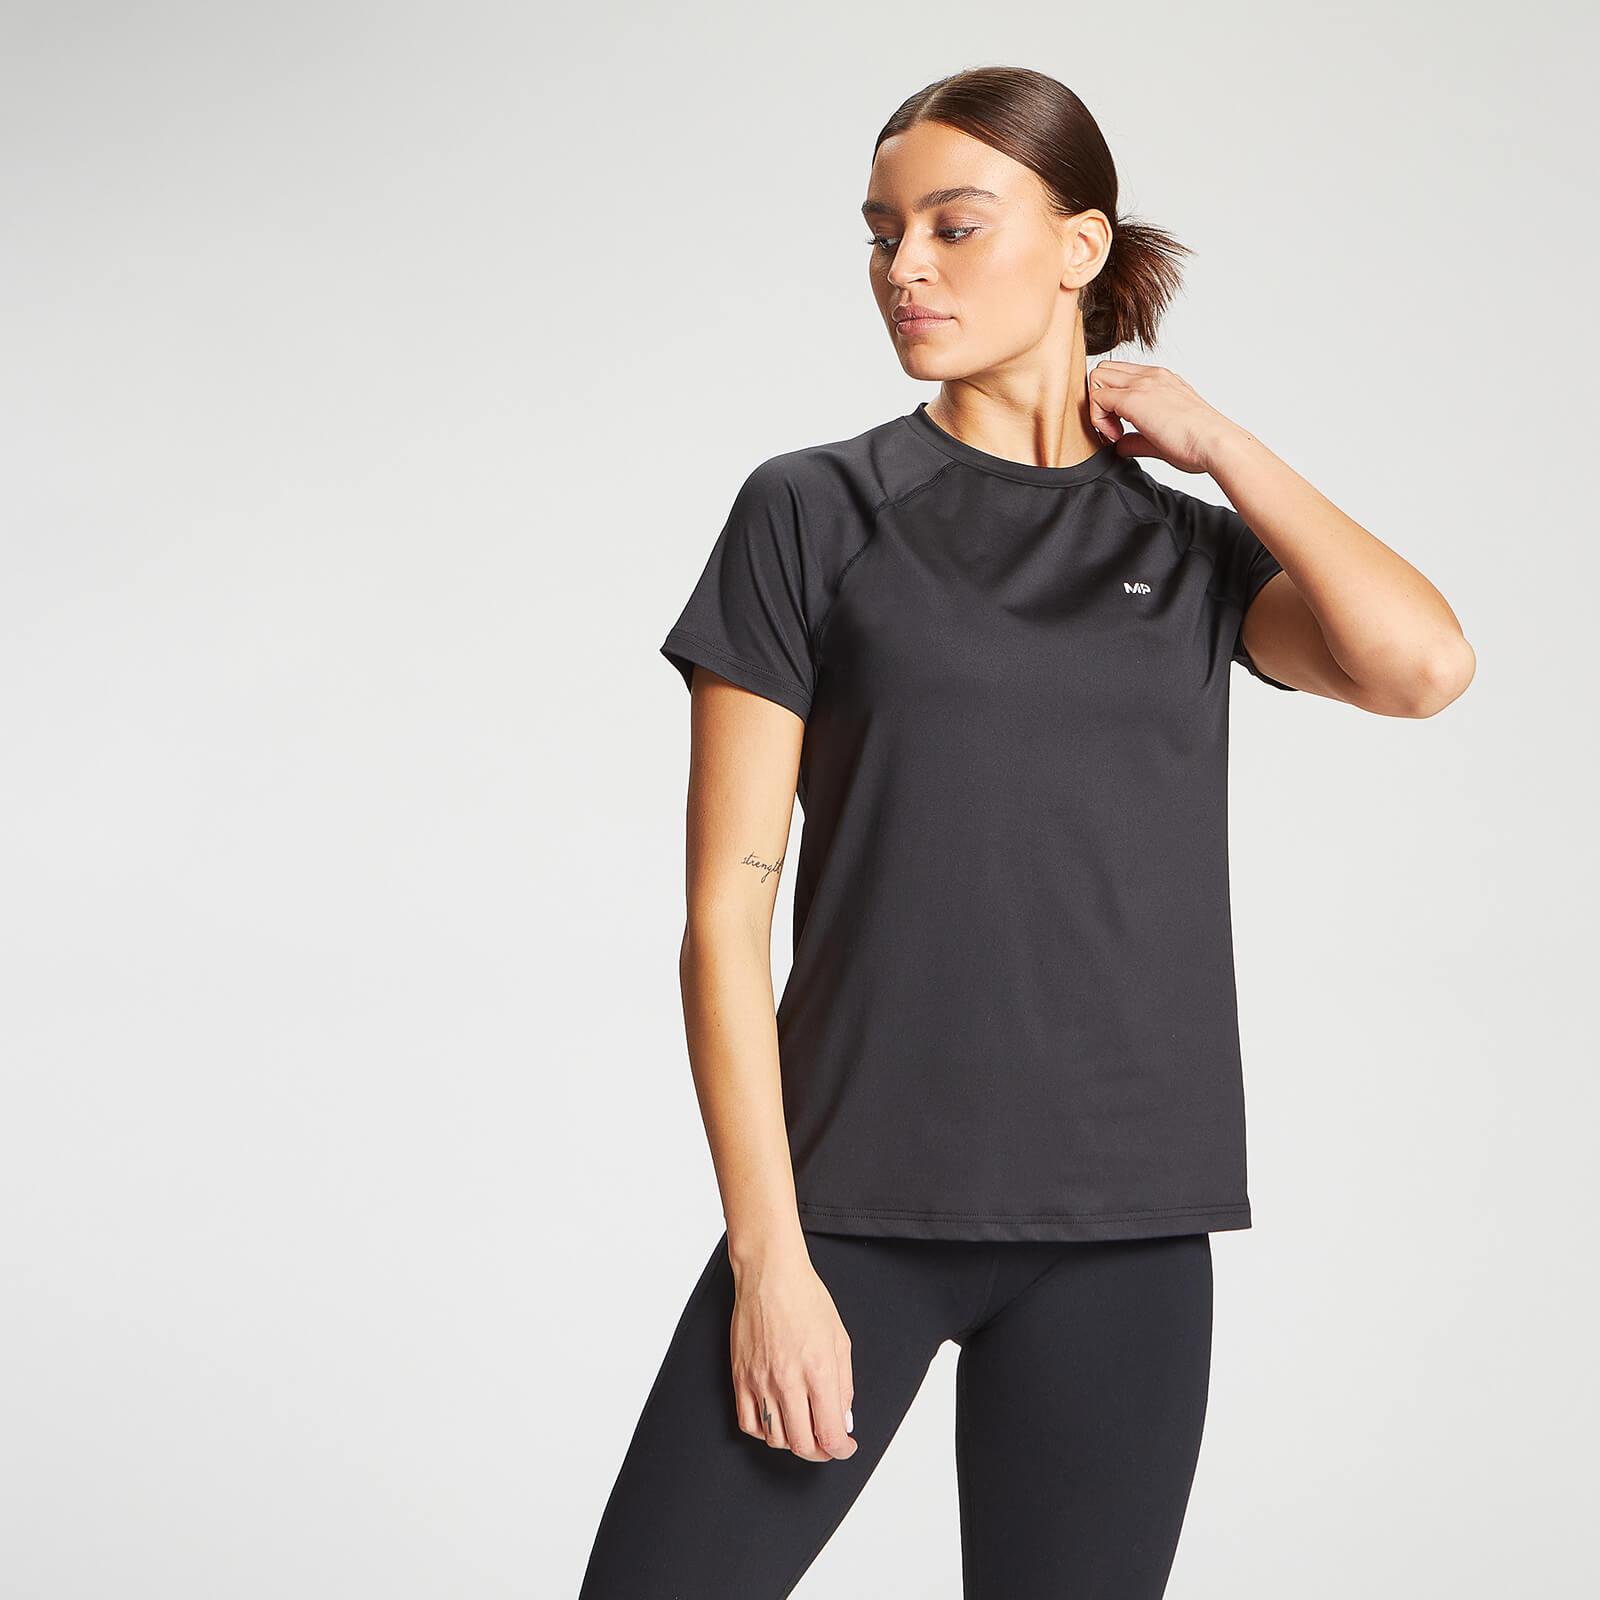 Купить MP Women's Essentials Training Regular T-Shirt - Black - XXL, Myprotein International